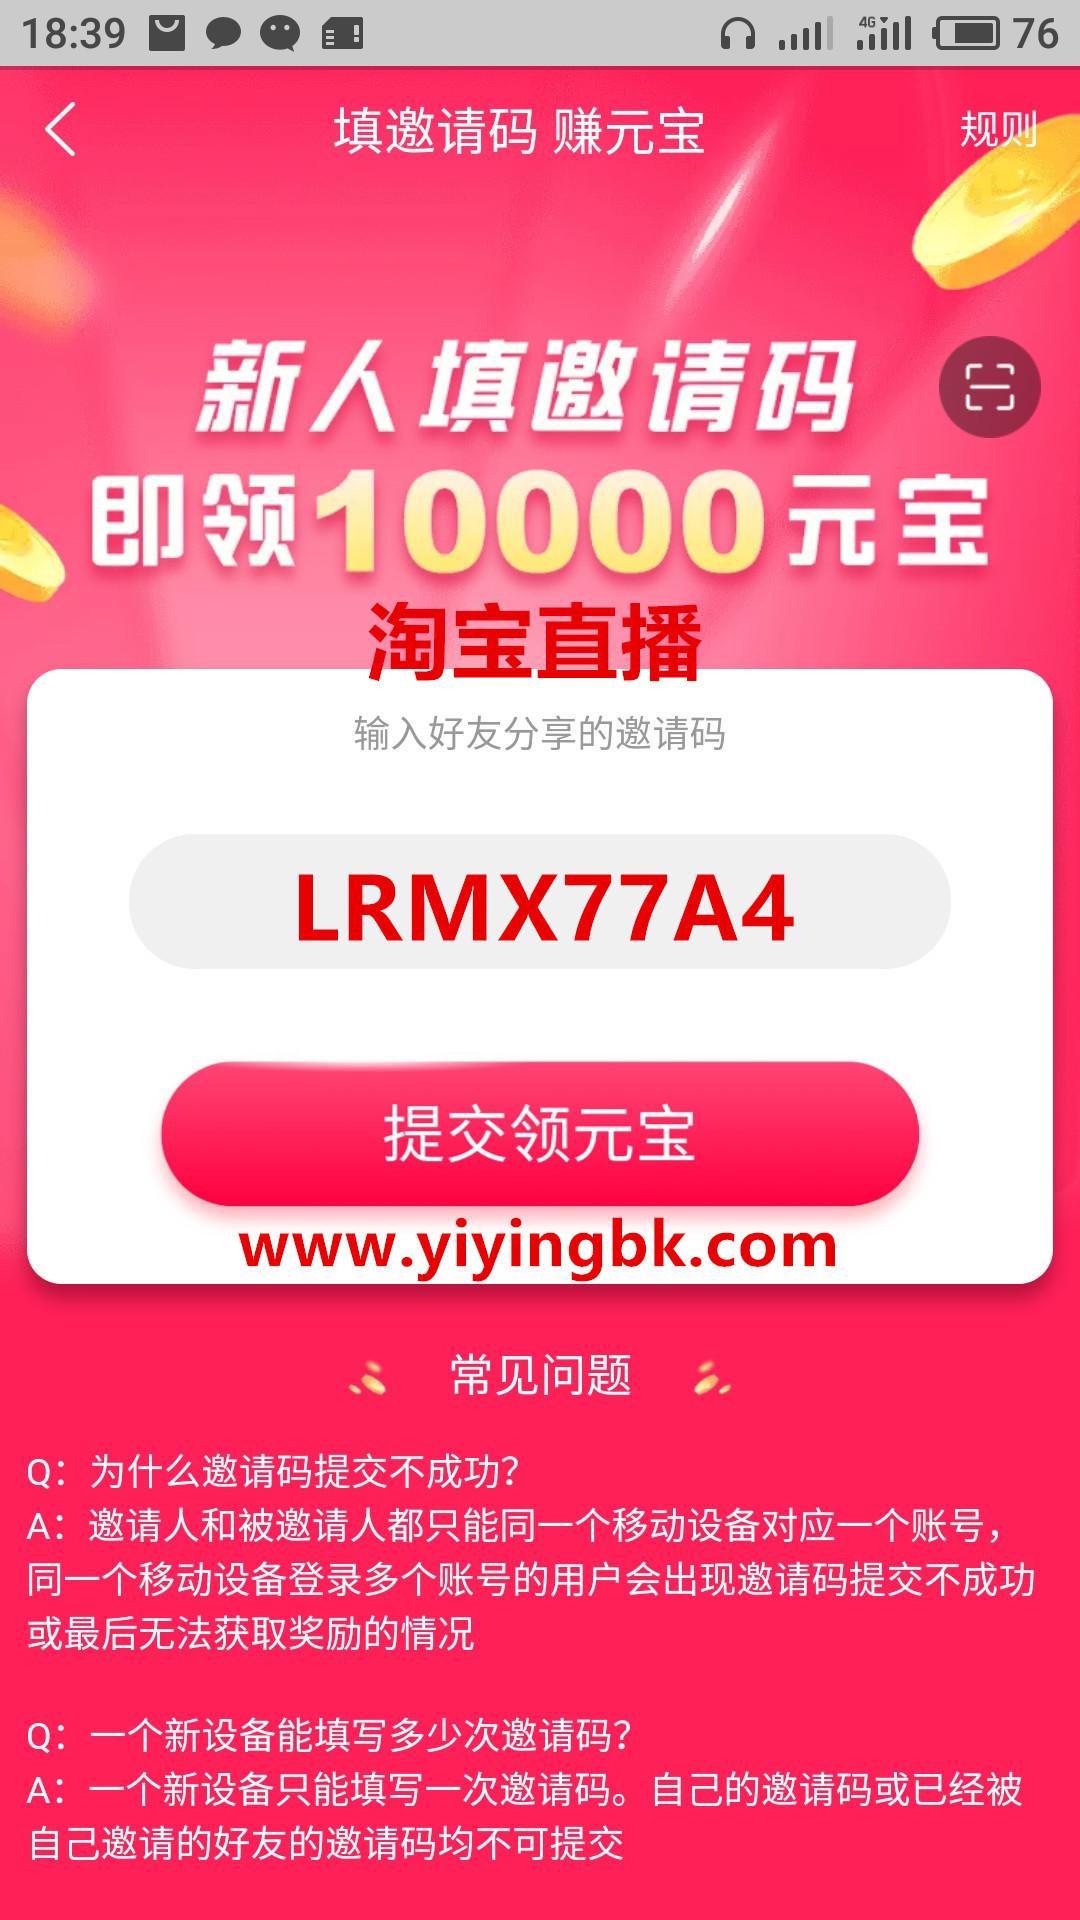 淘宝直播红包邀请码LRMX77A4,免费领取1元红包。www.yiyingbk.com